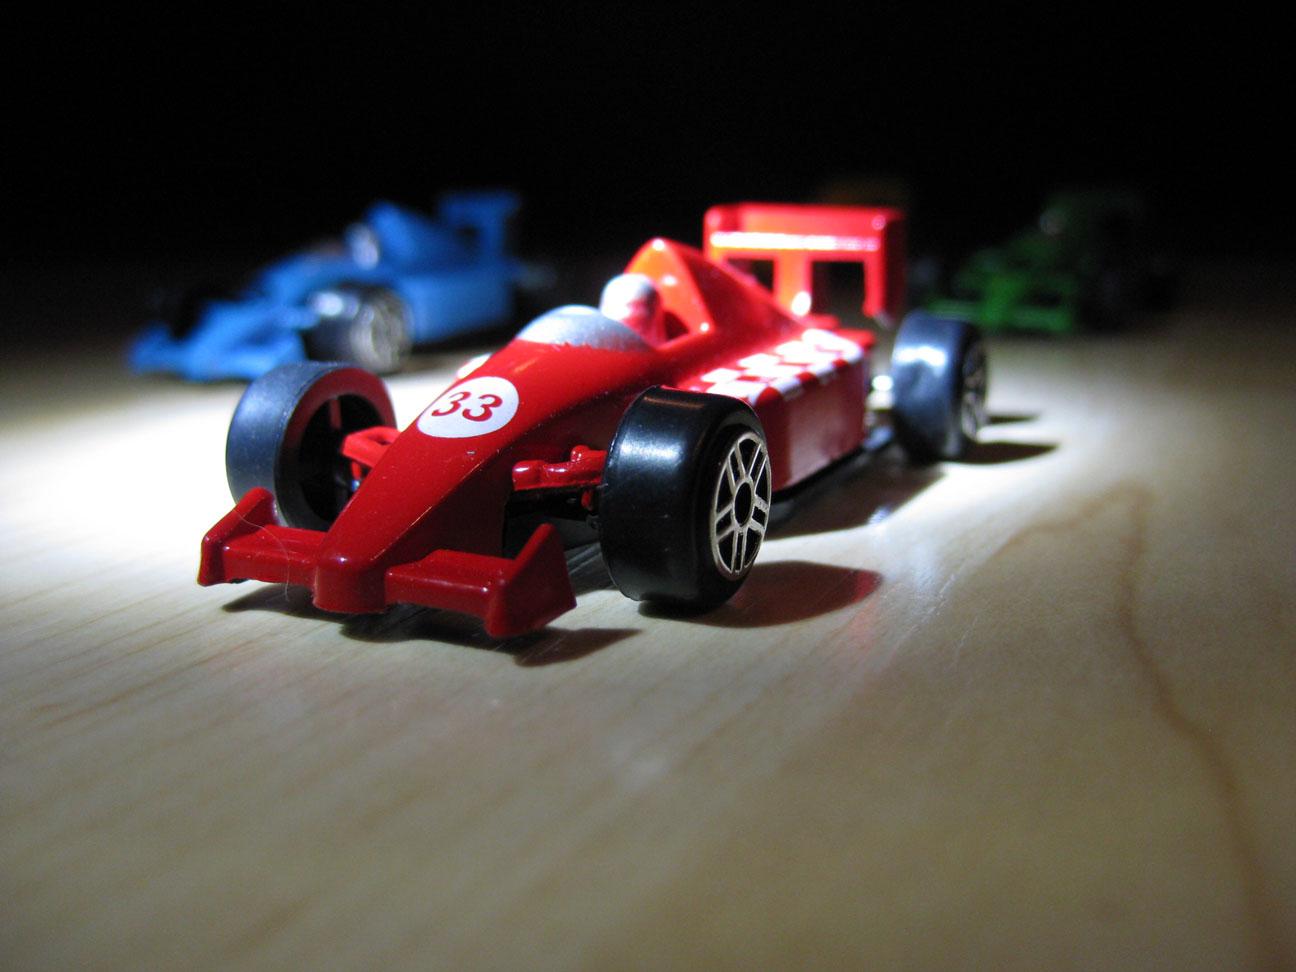 El equipo rojo (Team Rot)